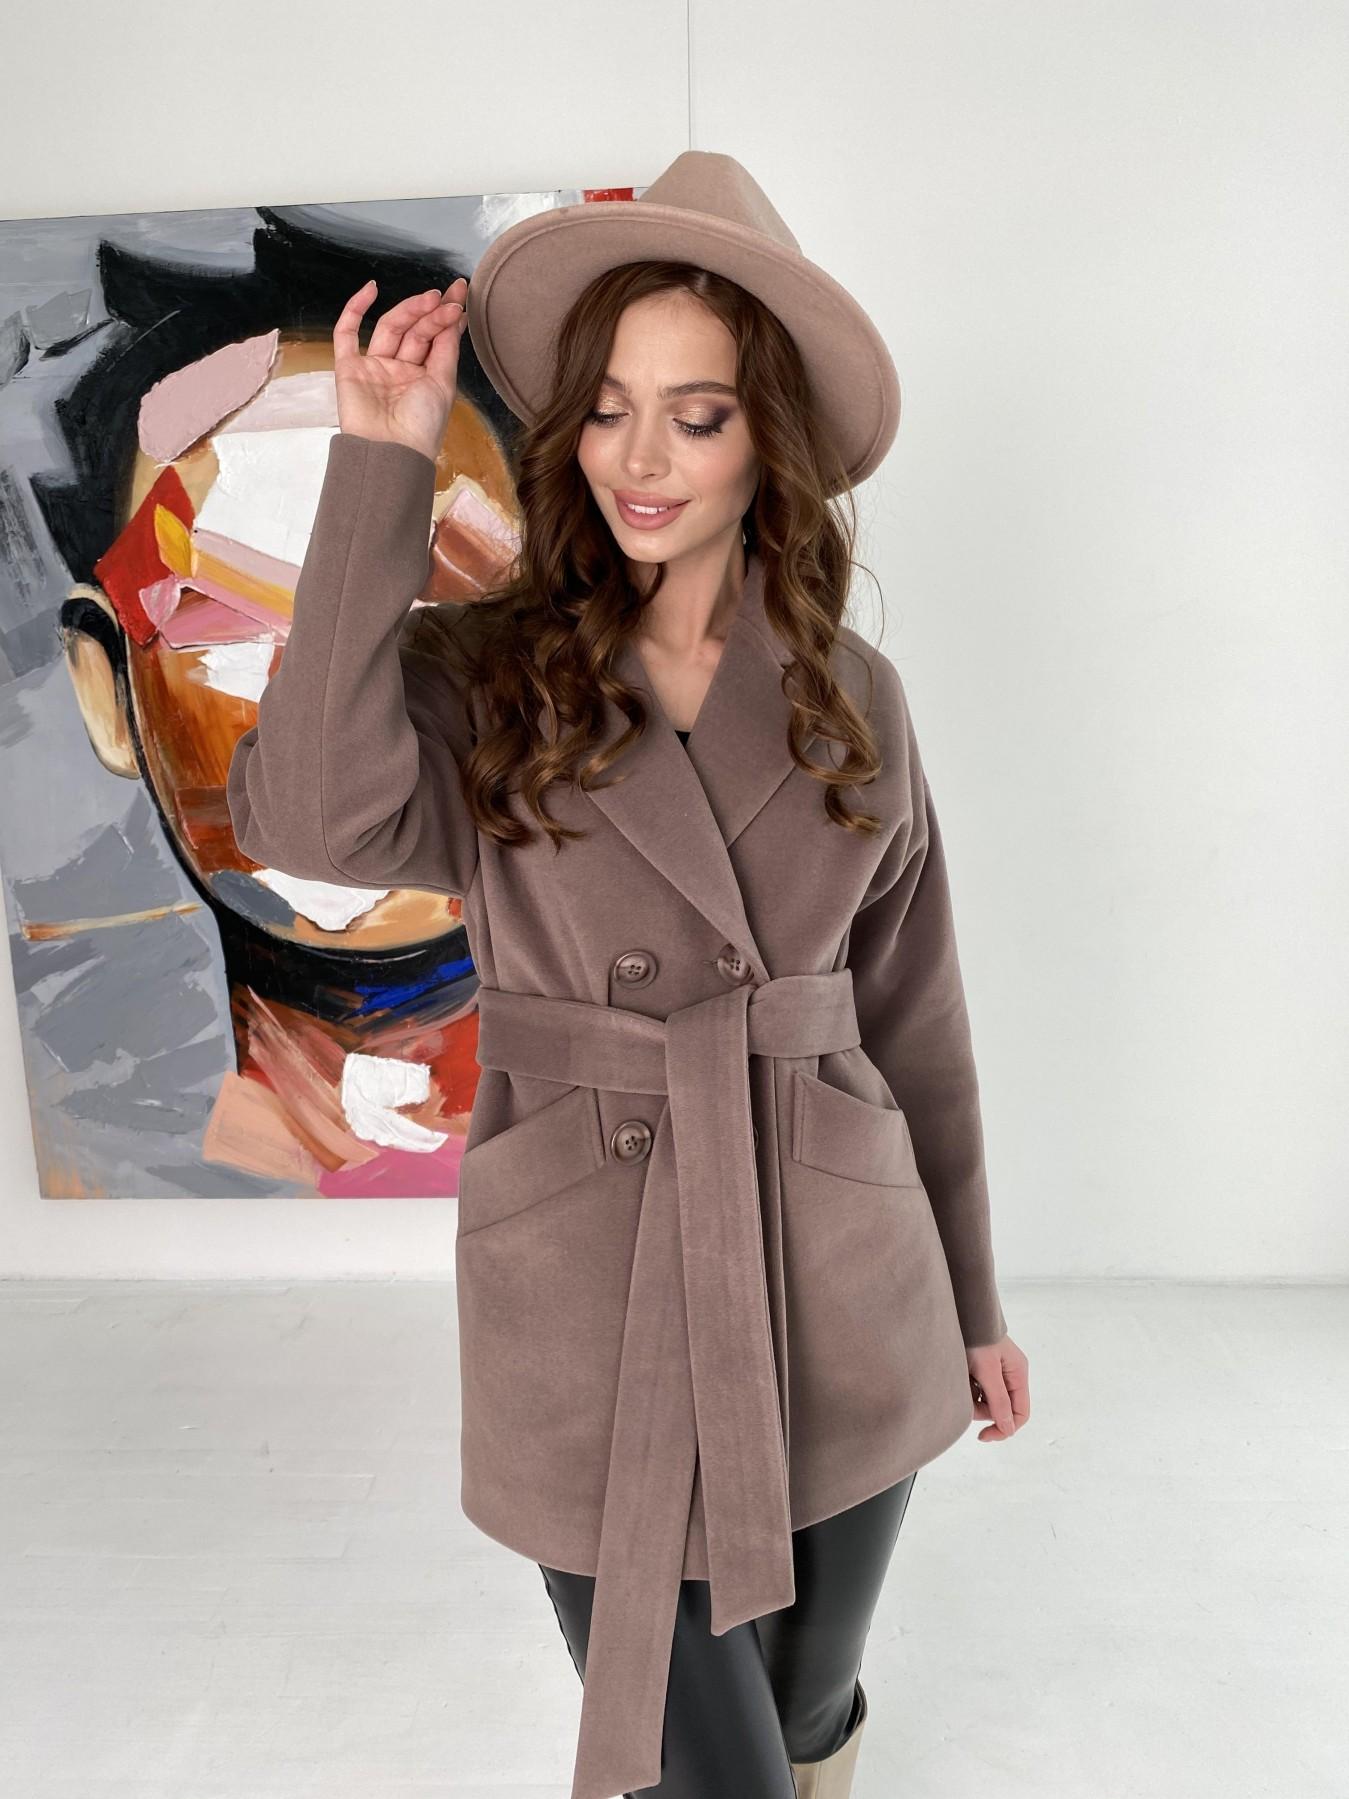 Демисезонное пальто от производителя Modus Бонд пальто кашемировое на трикотаже 10642